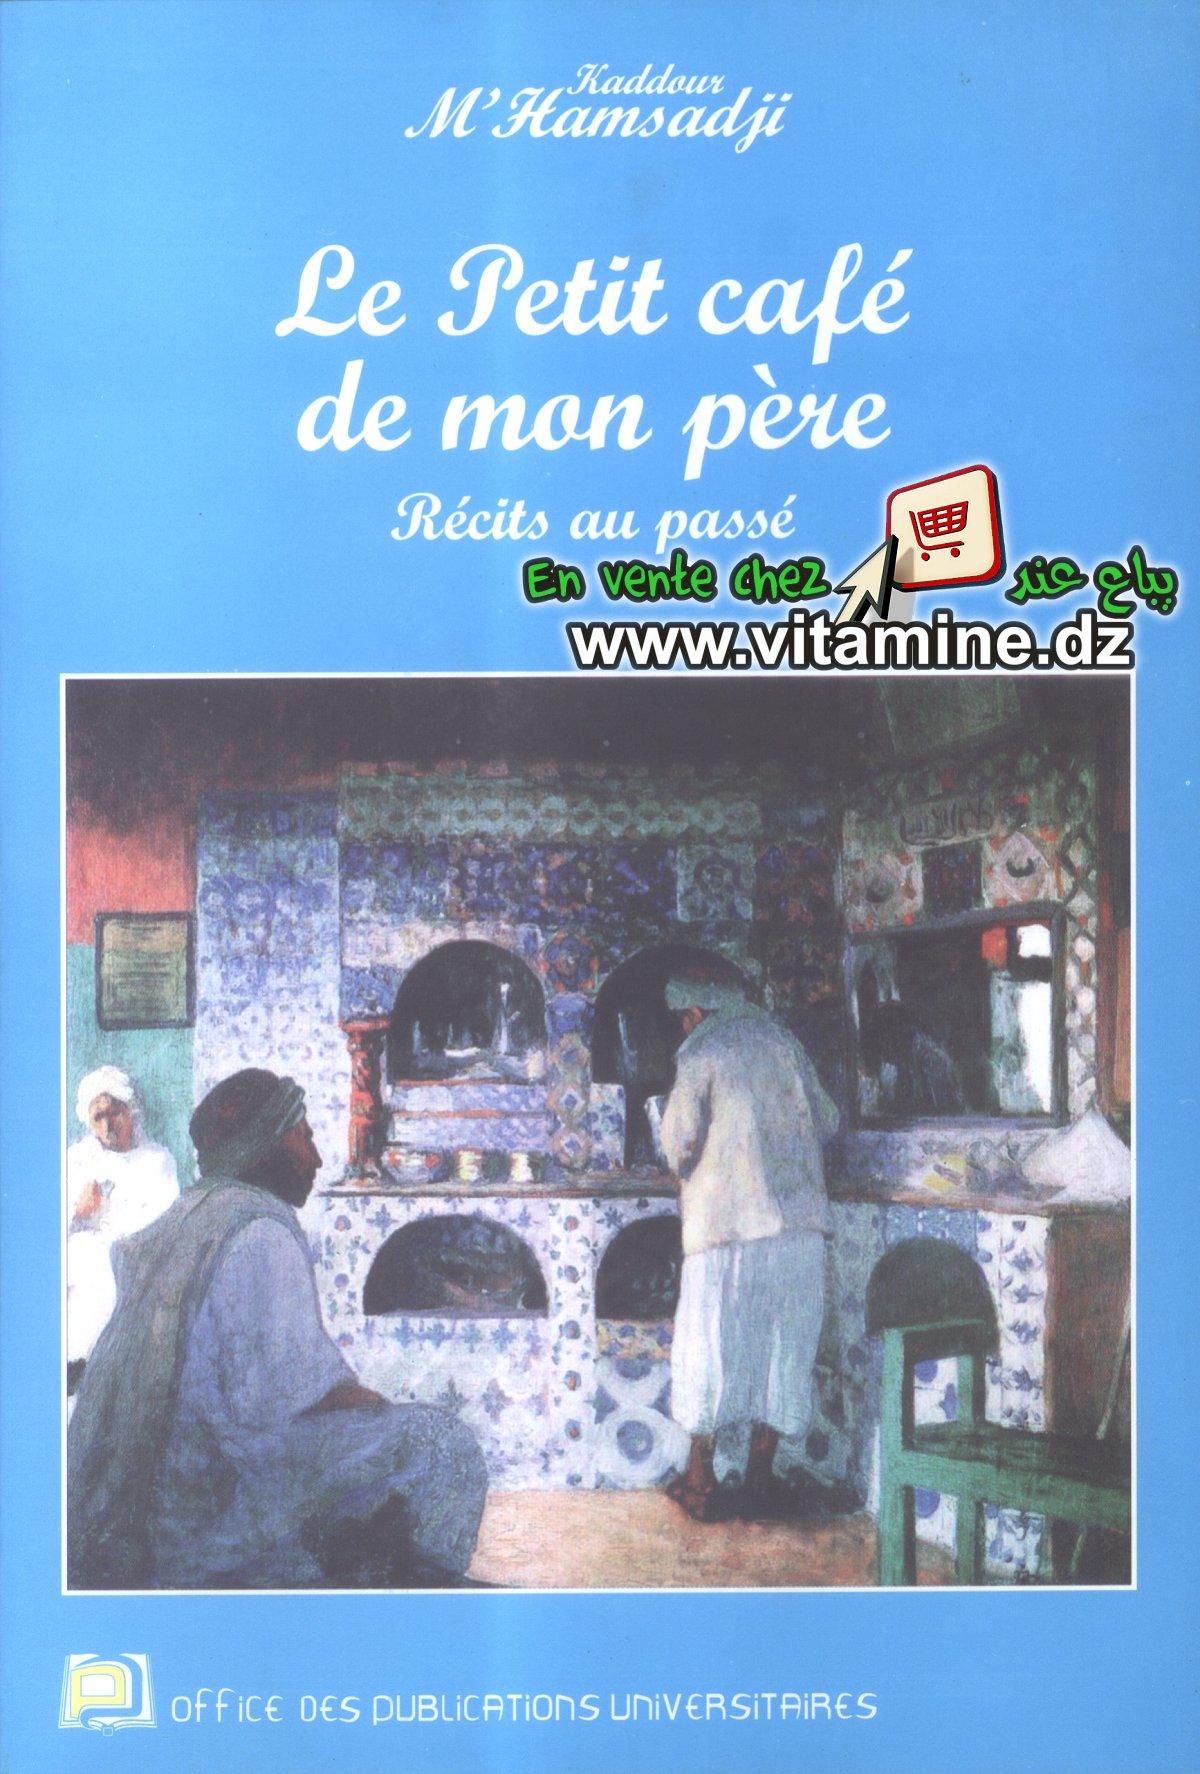 Kaddour M'Hamsadji - Le petit caf� de mon p�re